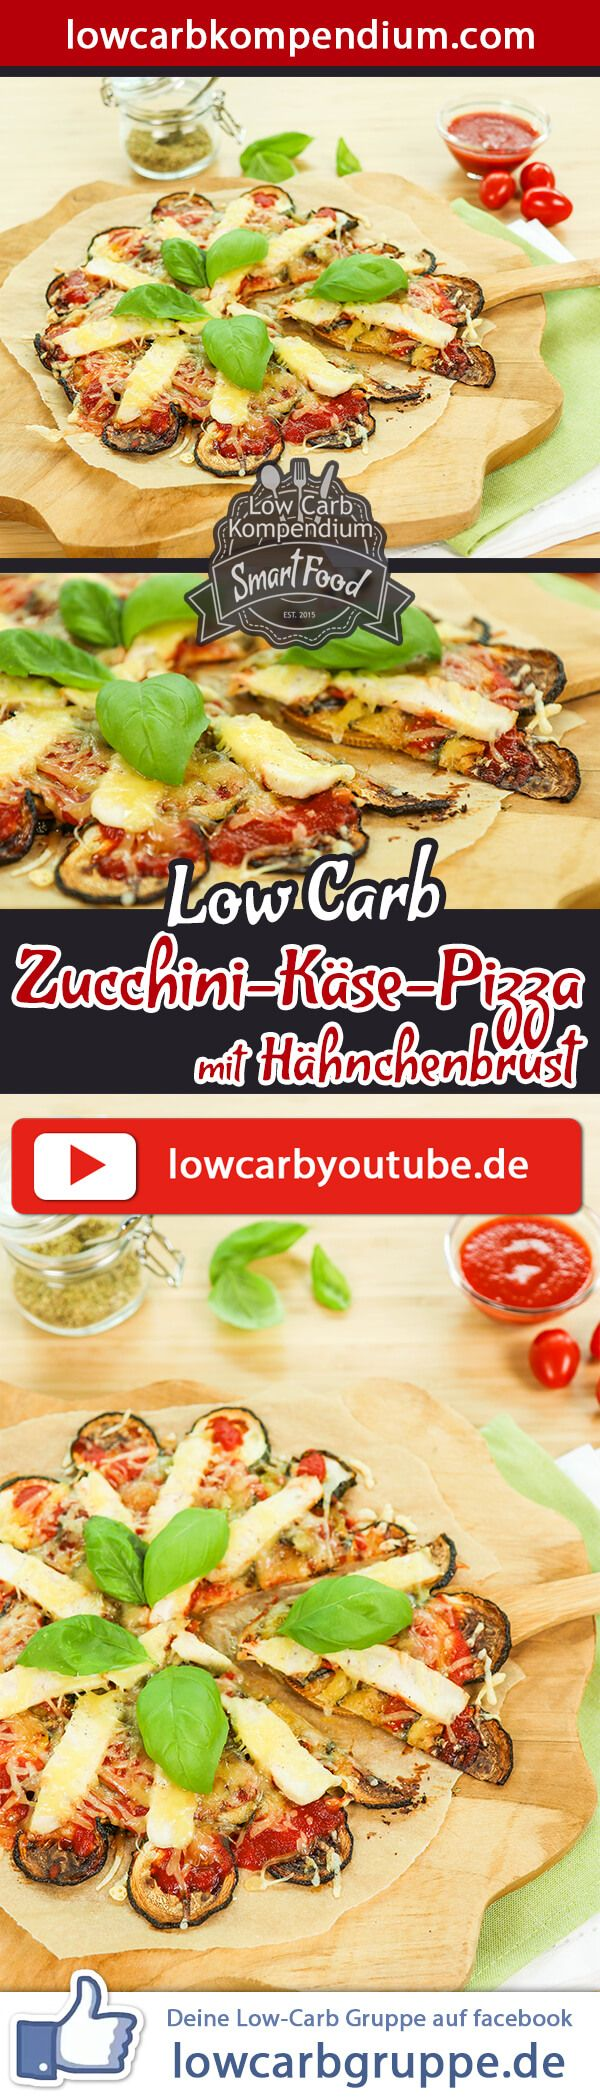 Low-Carb Zucchini-Käse-Pizza ist die wahrscheinlich einfachste Pizza der Welt. Wir sind immer auf der Suche nach leckeren Low-Carb Pizza Rezepten. Wenn diese Pizza-Rezepte auch noch schnell und einfach zuzubereiten sind - umso besser :)  Unsere Low-Carb Zucchini-Käse-Pizza ist supereinfach zu machen, braucht nur wenige Zutaten und kann bei Bedarf nach Wunsch abgewandelt werden, so wie Du es bei anderen Pizza-Rezepten gewohnt bist :)  Und nun wünschen wir dir viel Spaß beim Nachkochen, LG And